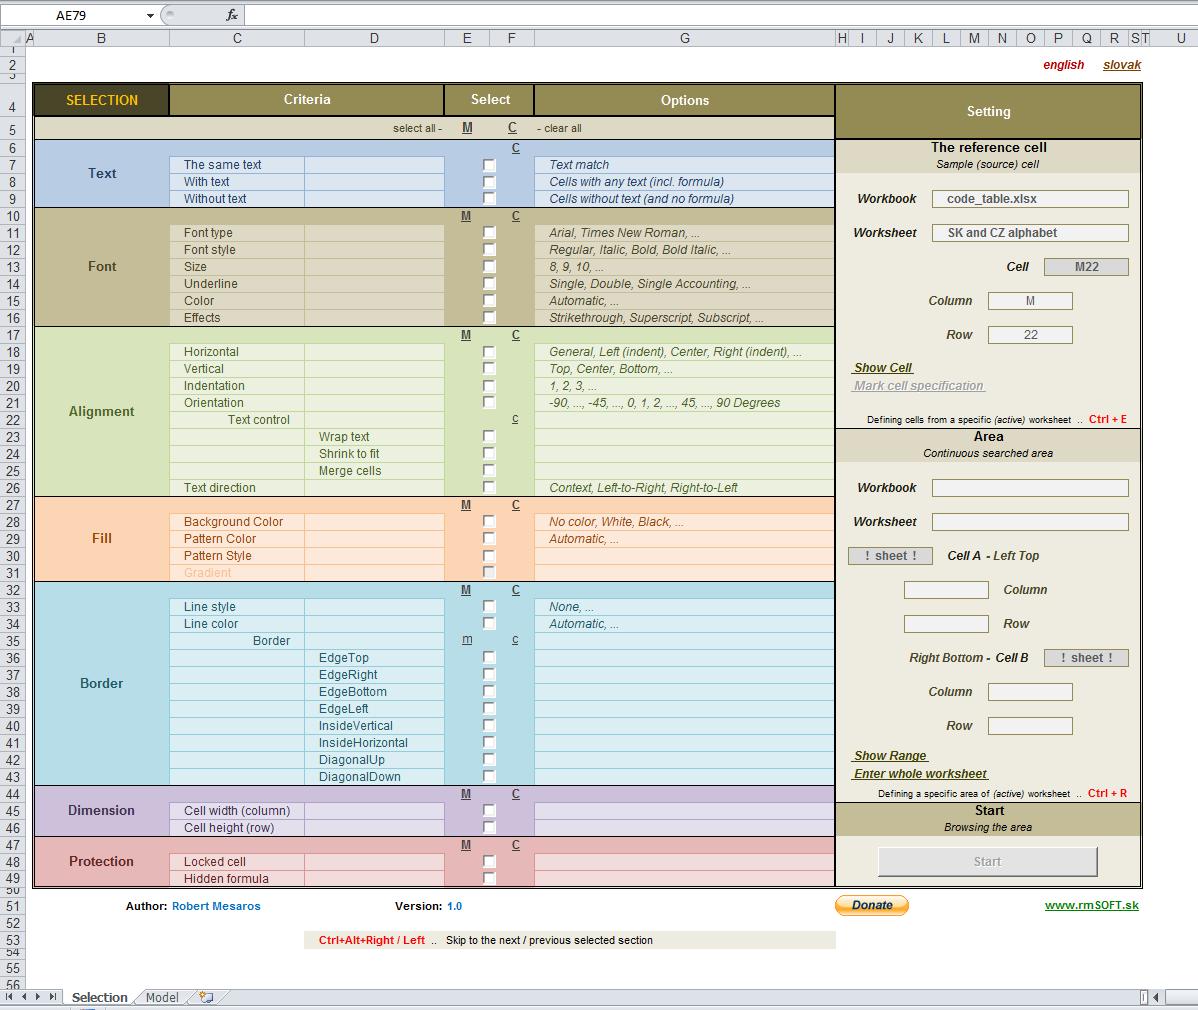 ... Find Hidden Objects. on excel vba worksheet selection change event